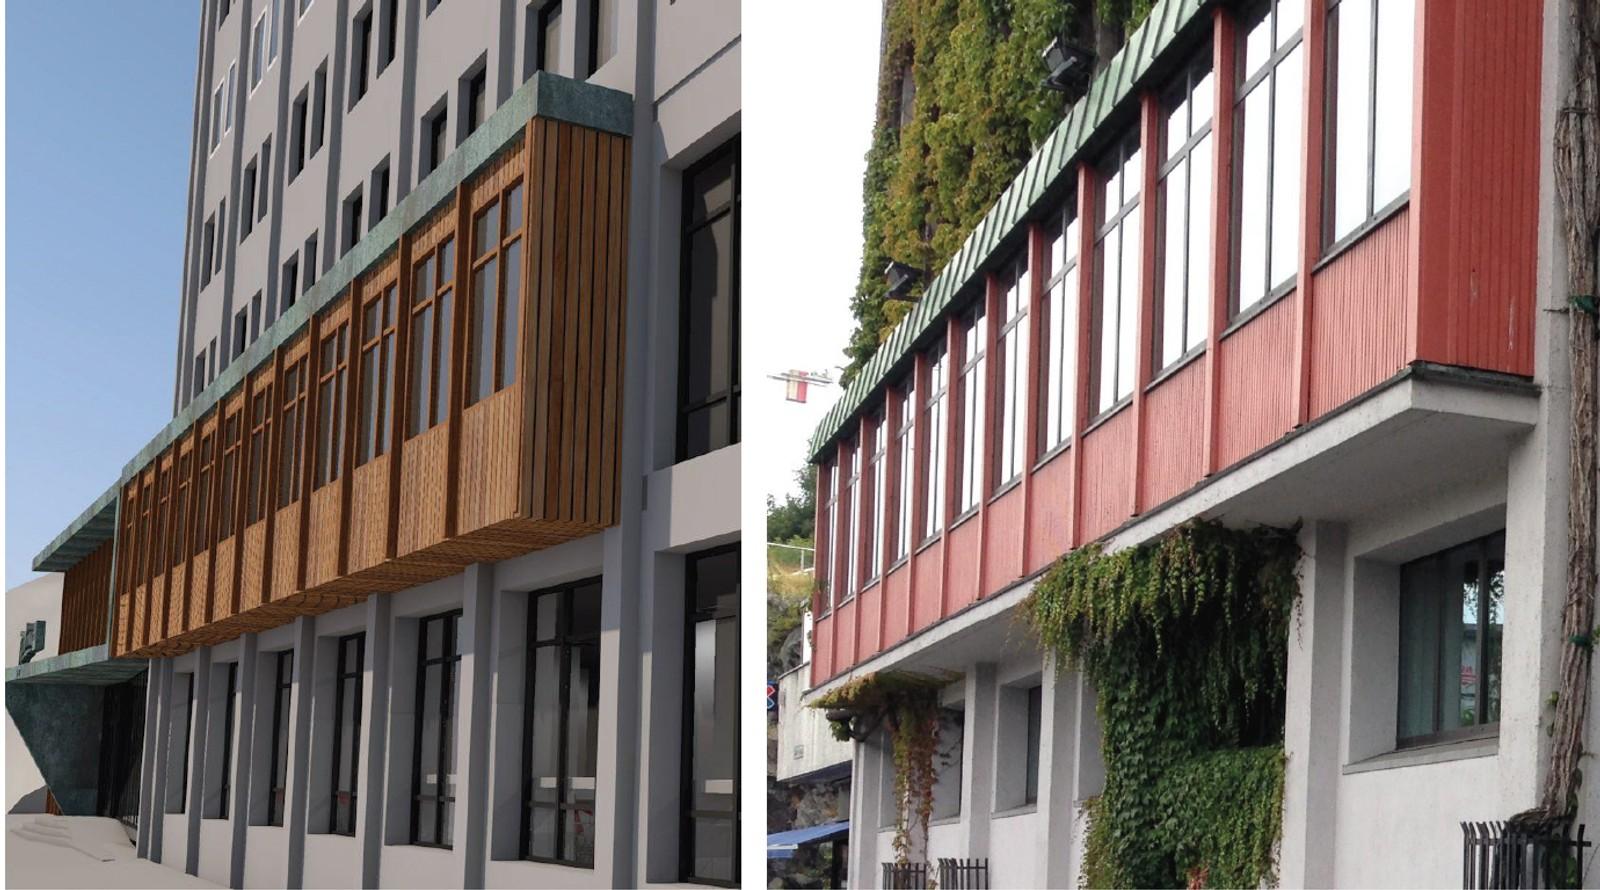 Det karakteristiske karnappet i rødt blir ført videre bortover bygningen i et teaklignende materiale.